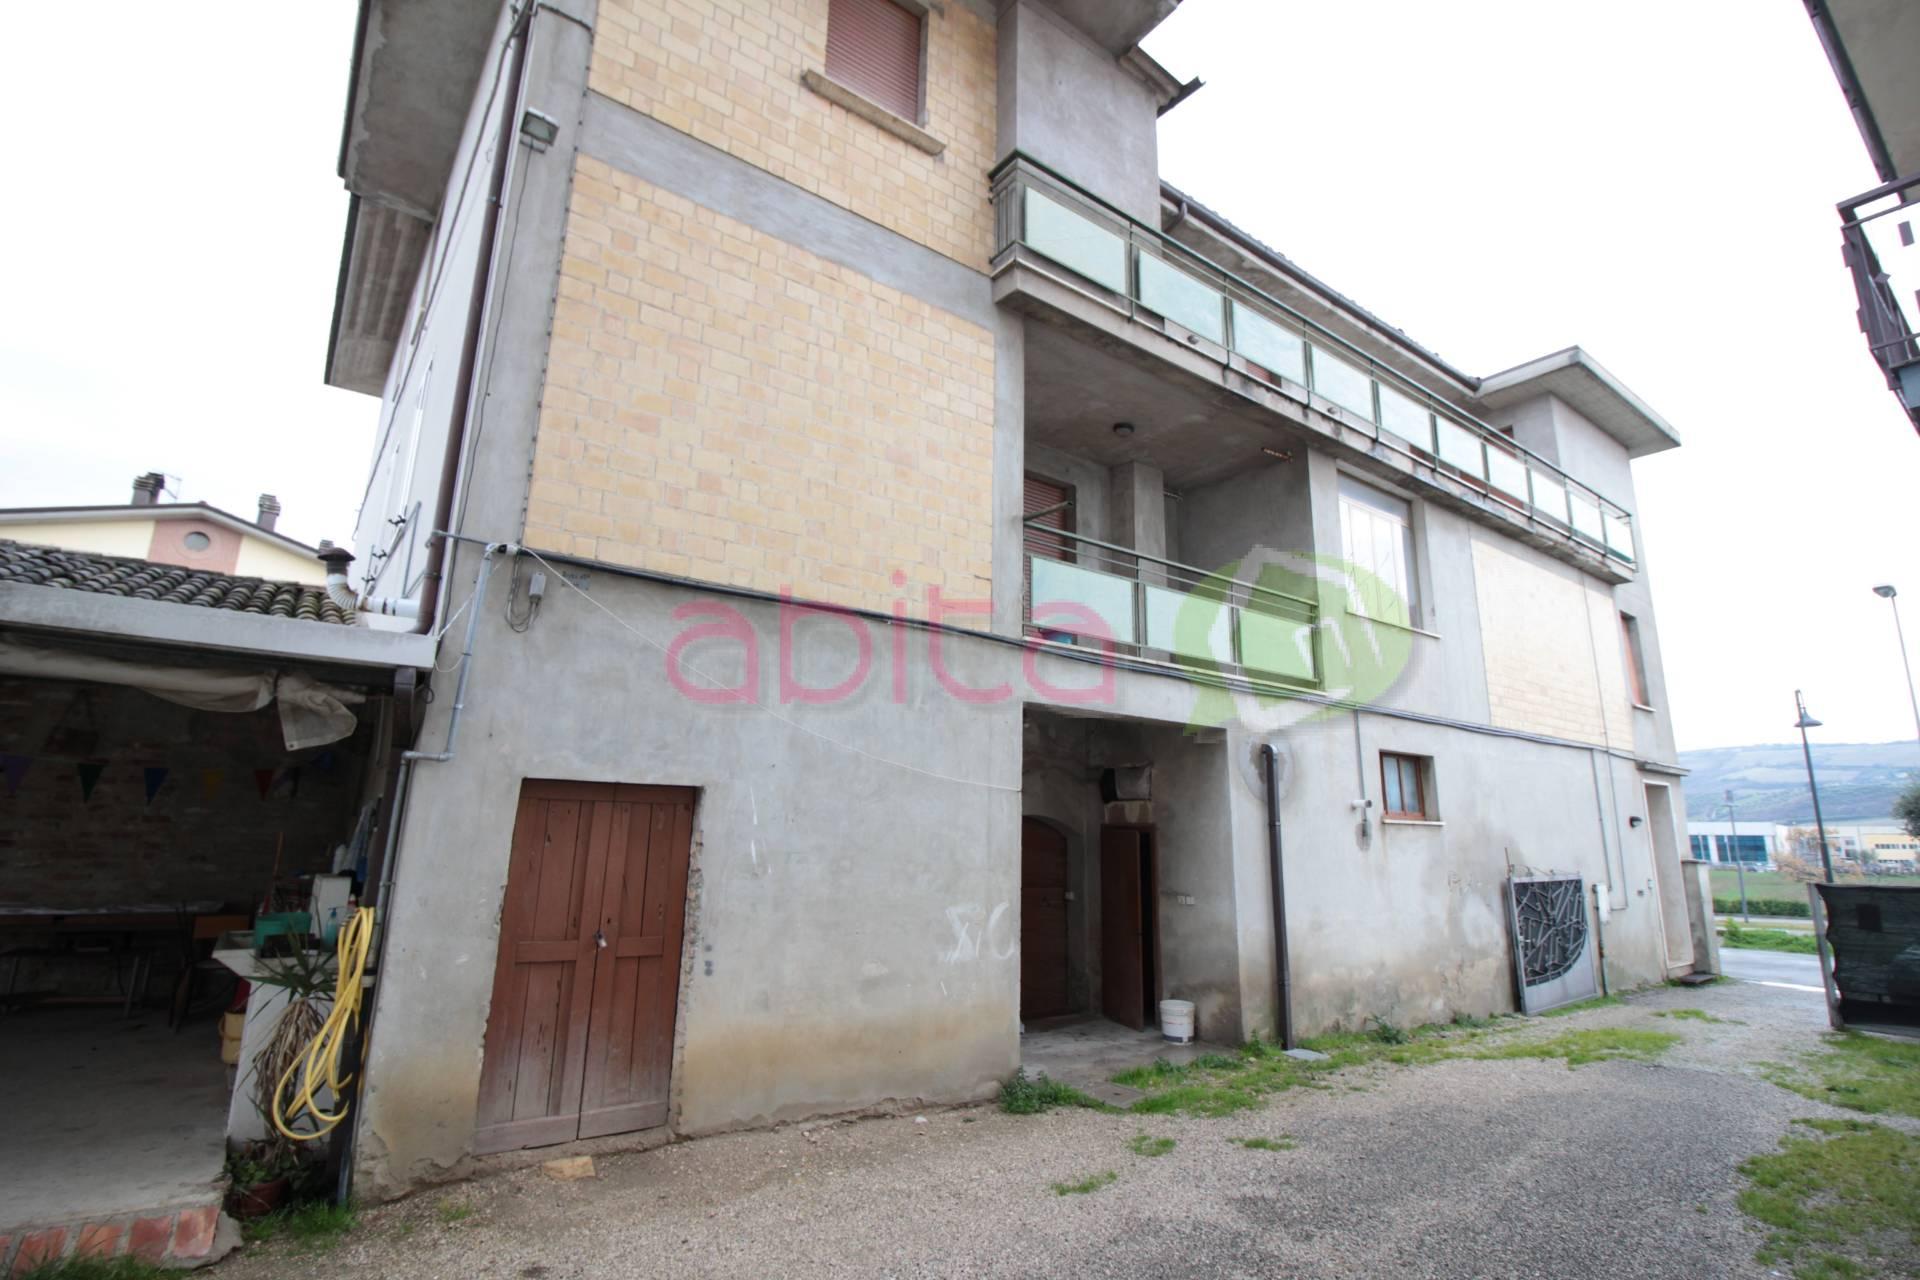 Soluzione Indipendente in vendita a Spinetoli, 12 locali, zona Località: PagliaredelTronto, prezzo € 150.000   CambioCasa.it